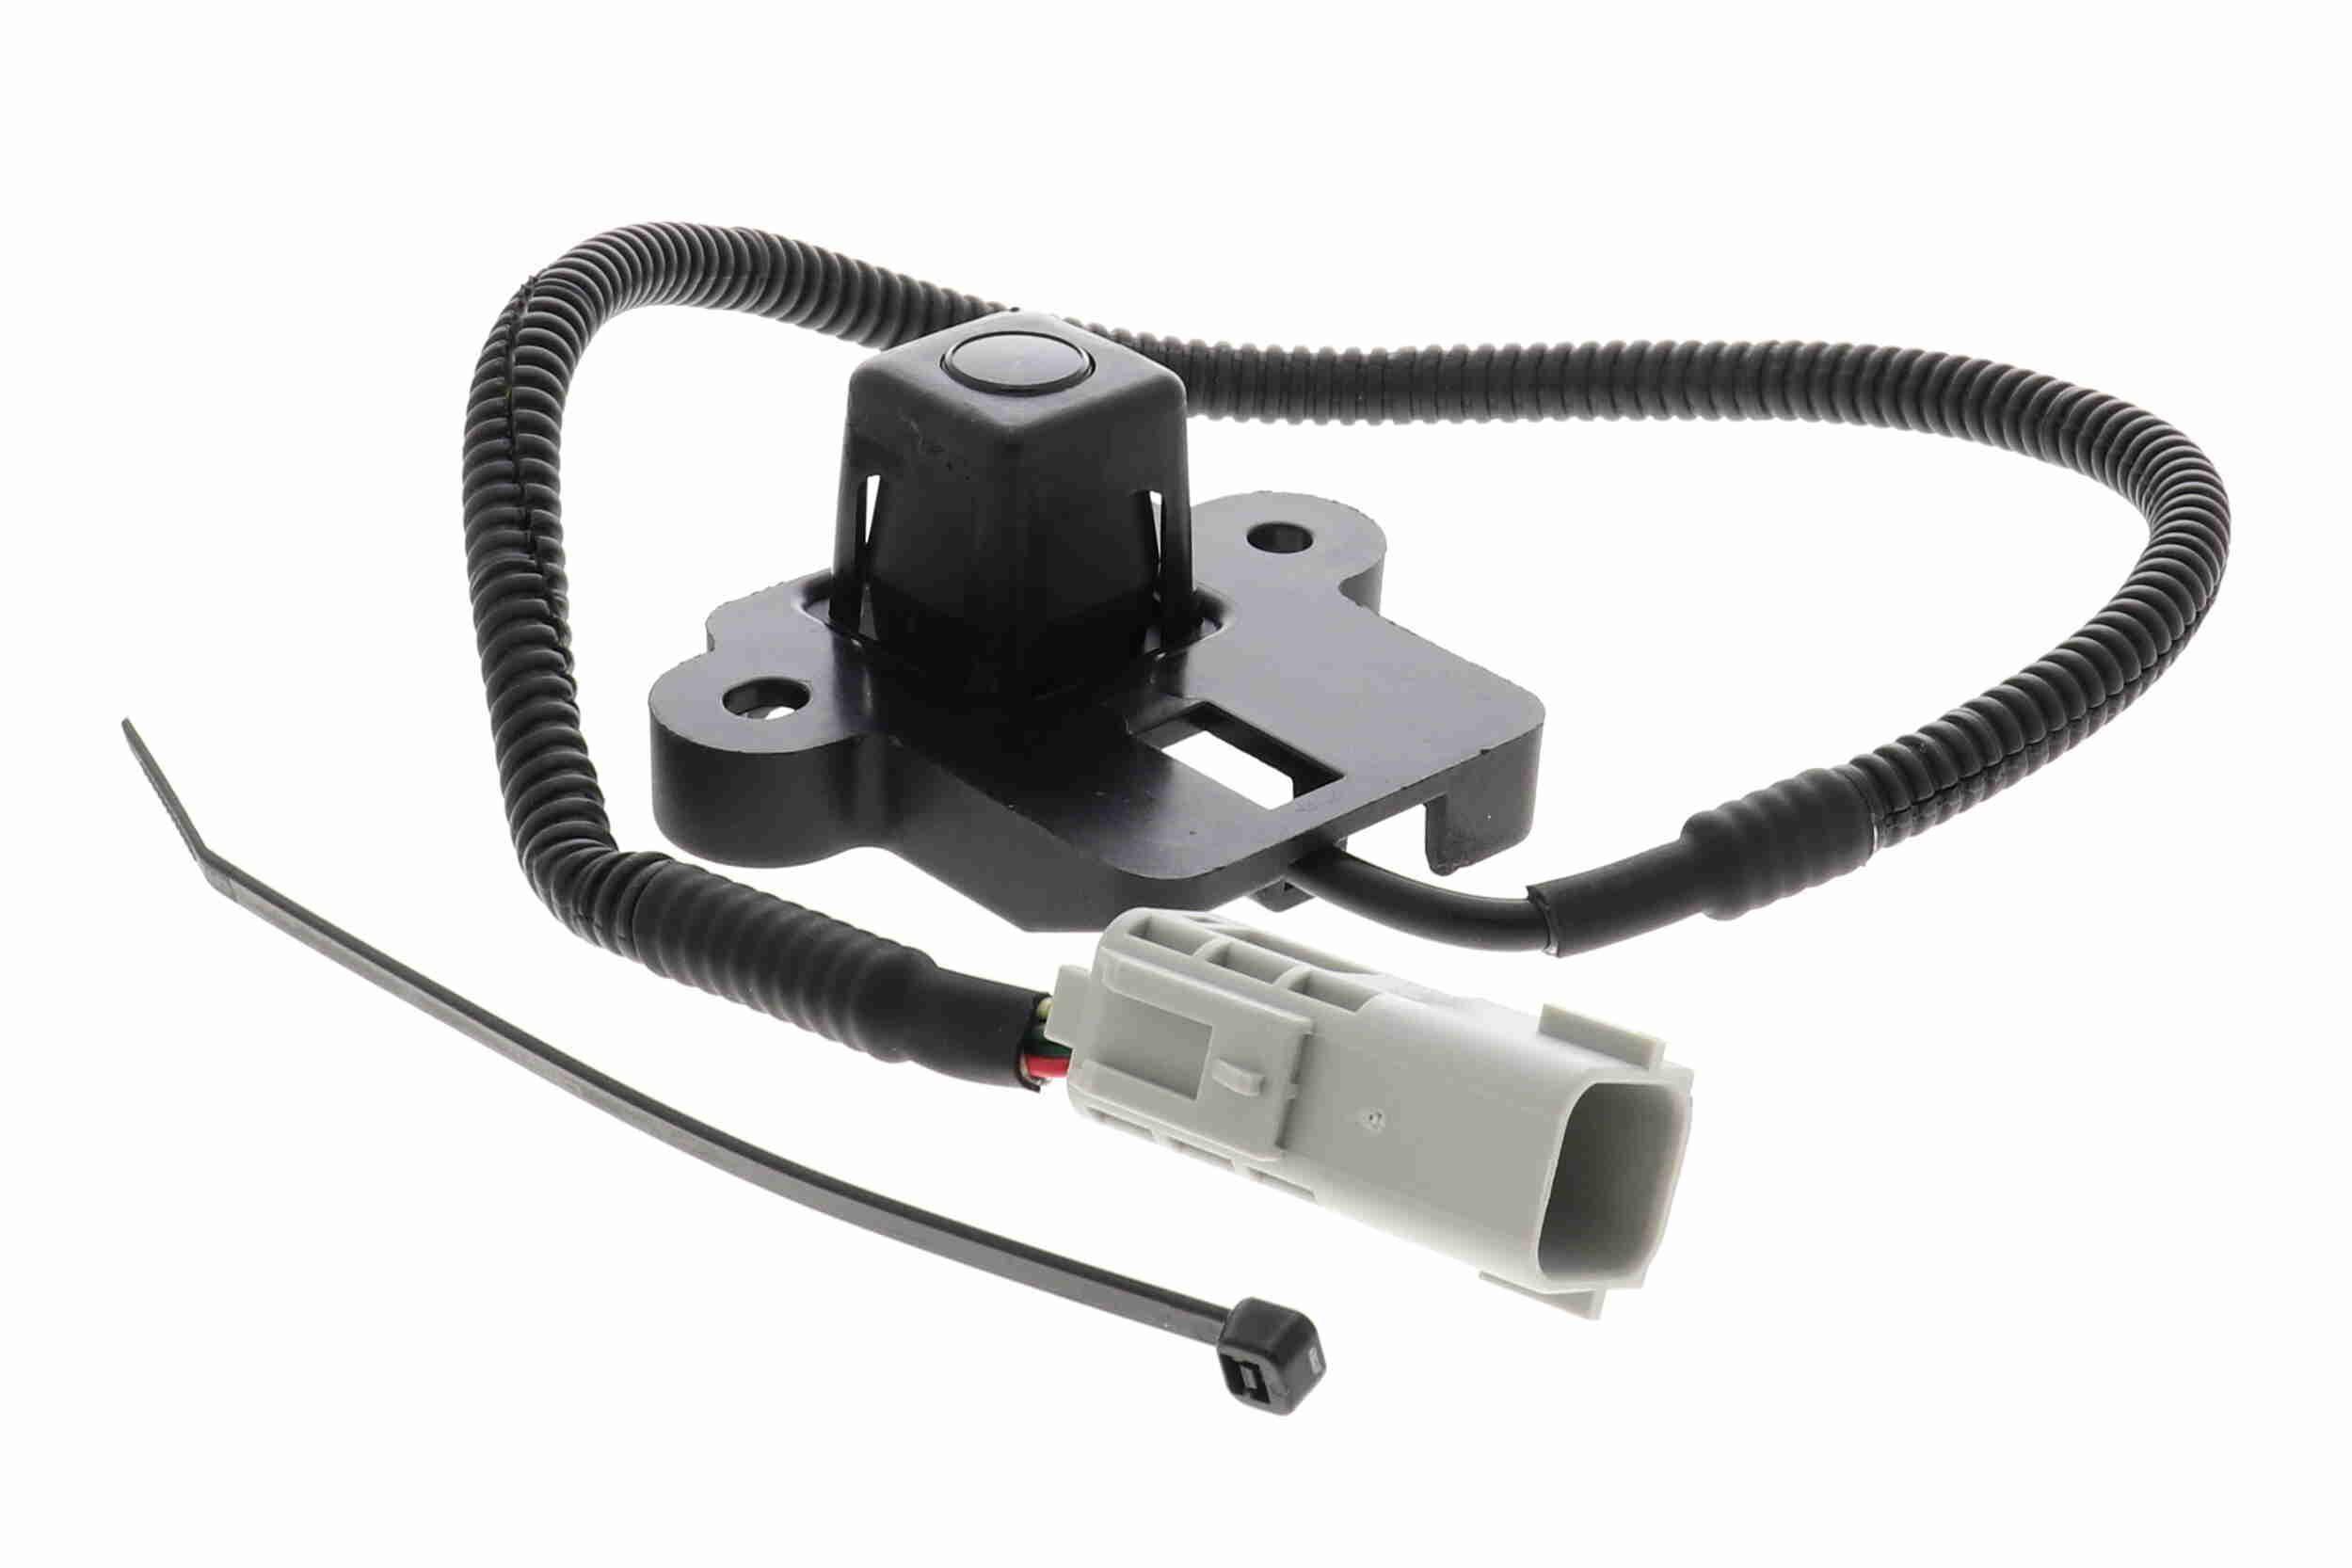 VEMO V51-74-0008 Einparkkamera Original VEMO Qualität niedrige Preise - Jetzt kaufen!